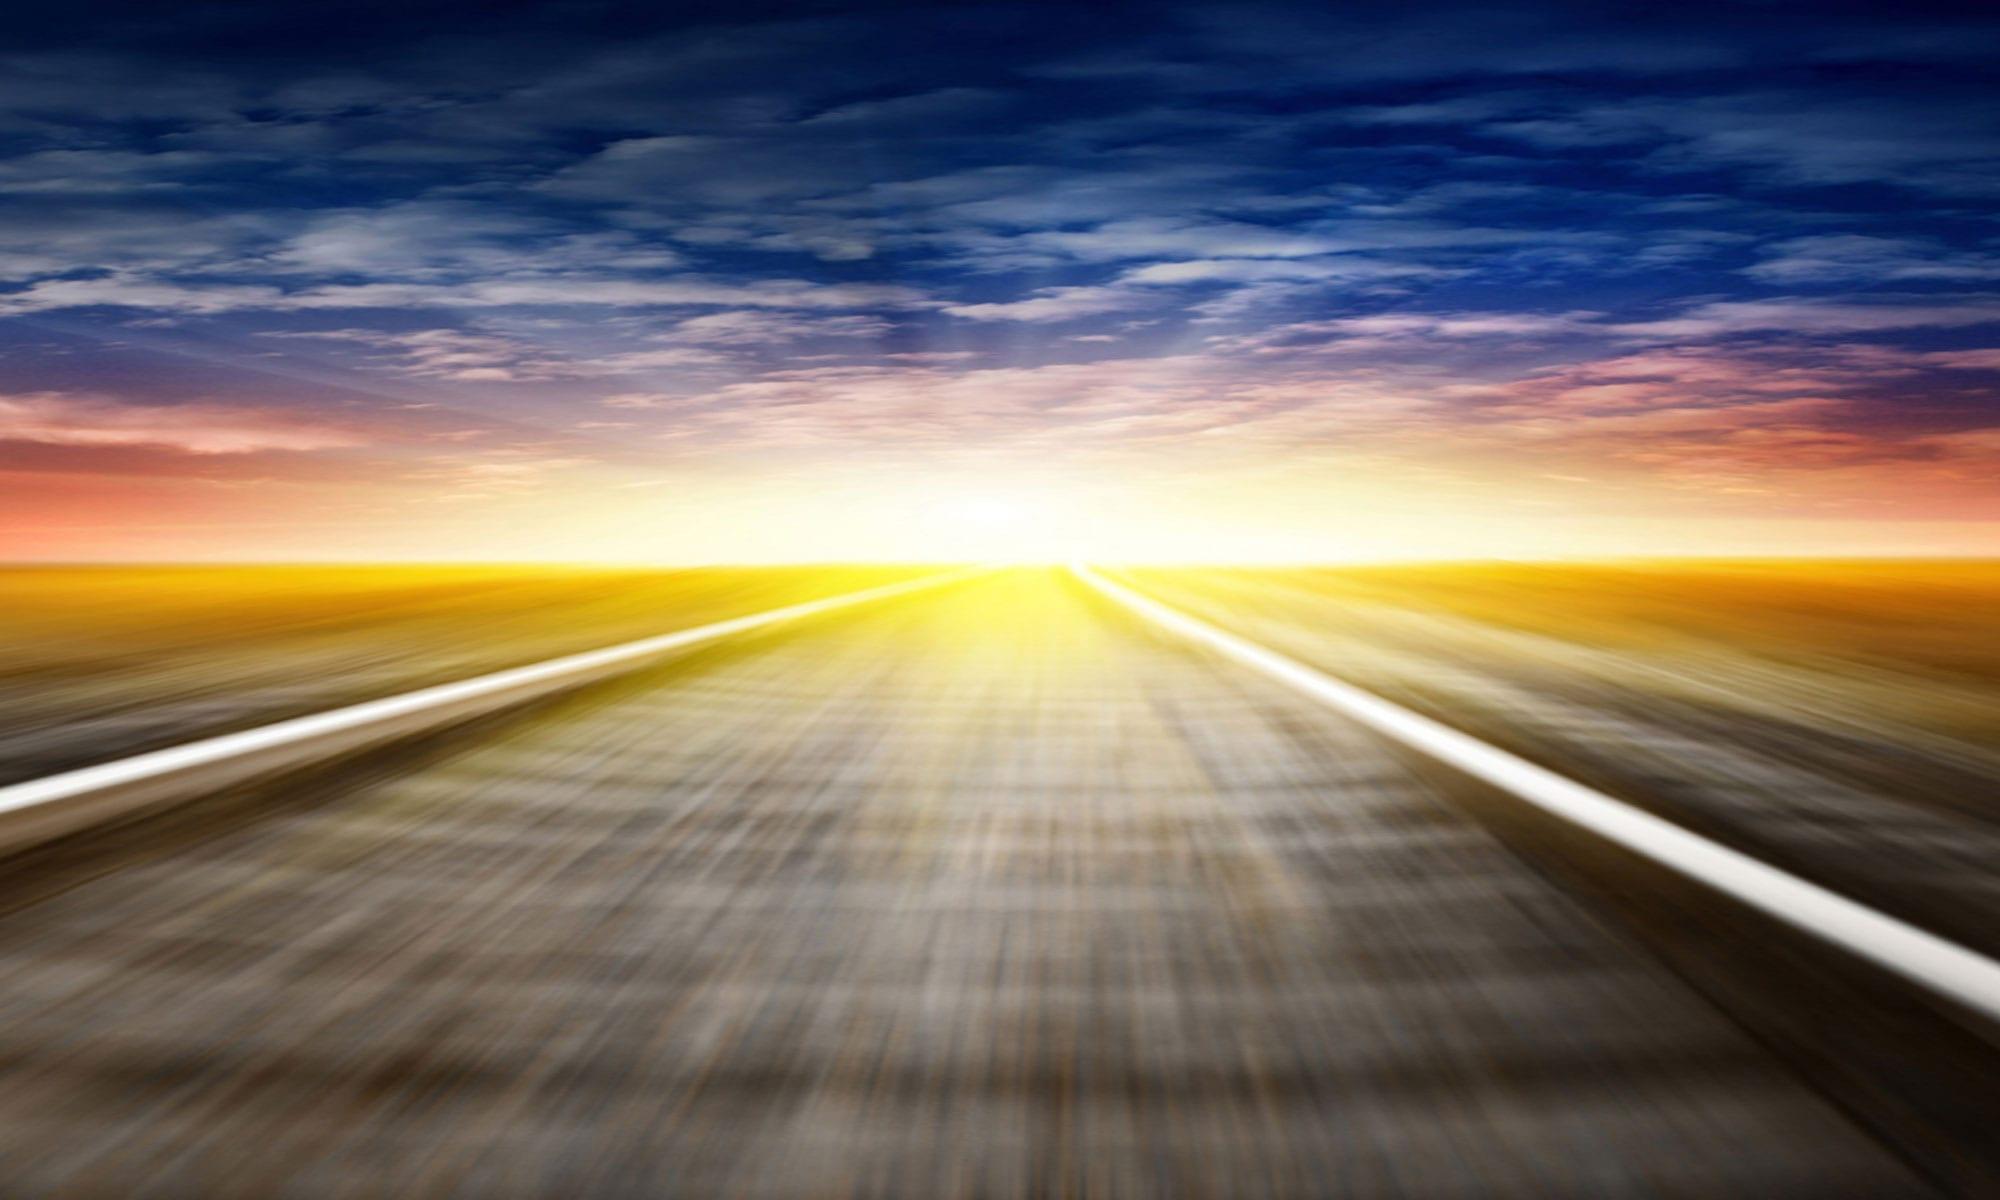 Bénéficiez d'une location de véhicule de qualité en profitant de tous nos avantages